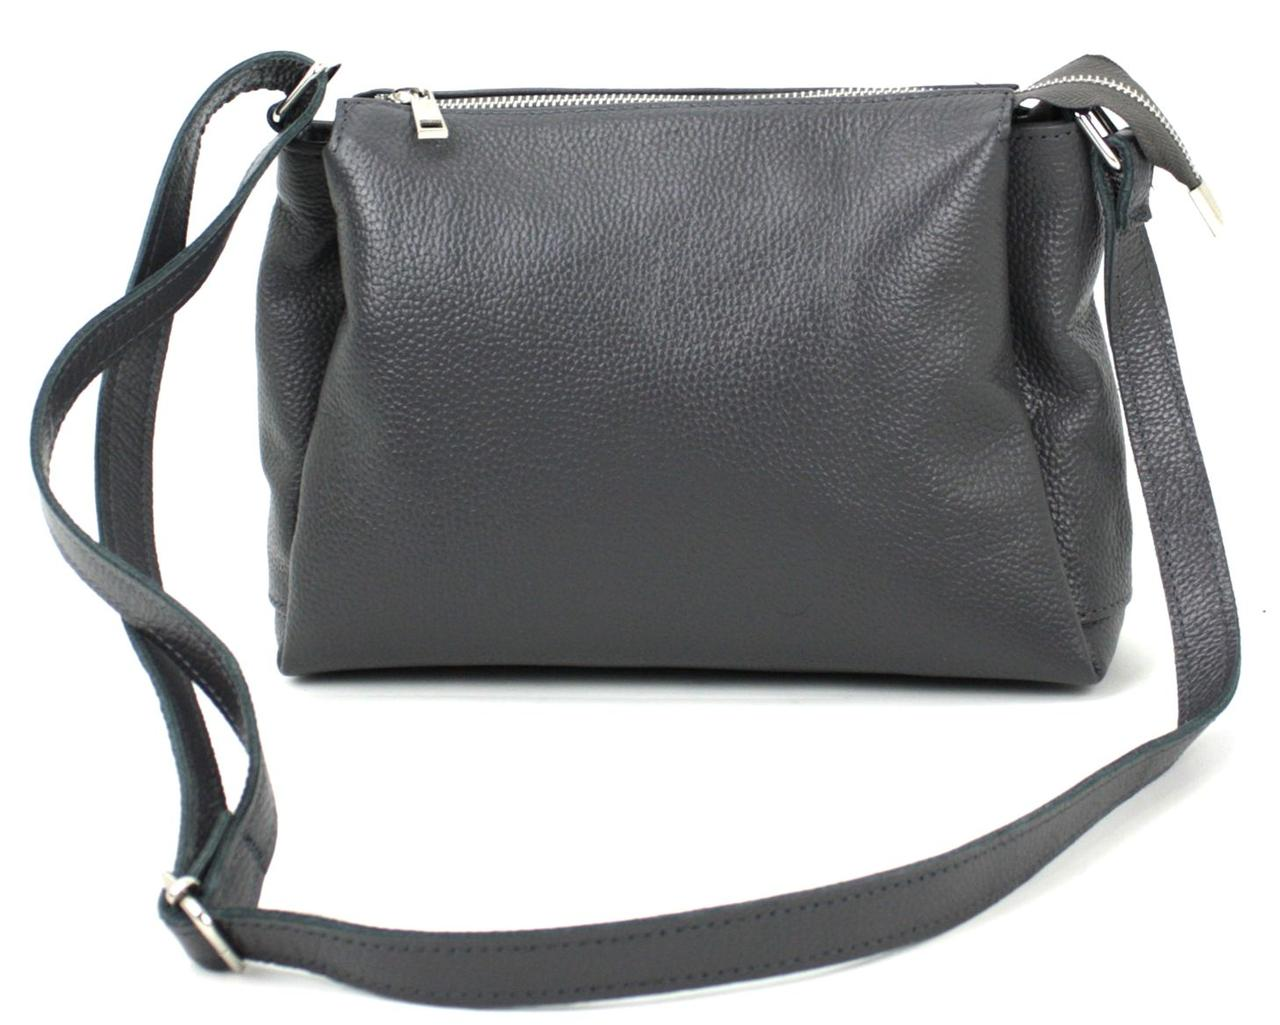 Жіноча шкіряна сумка Borsacomoda сірий